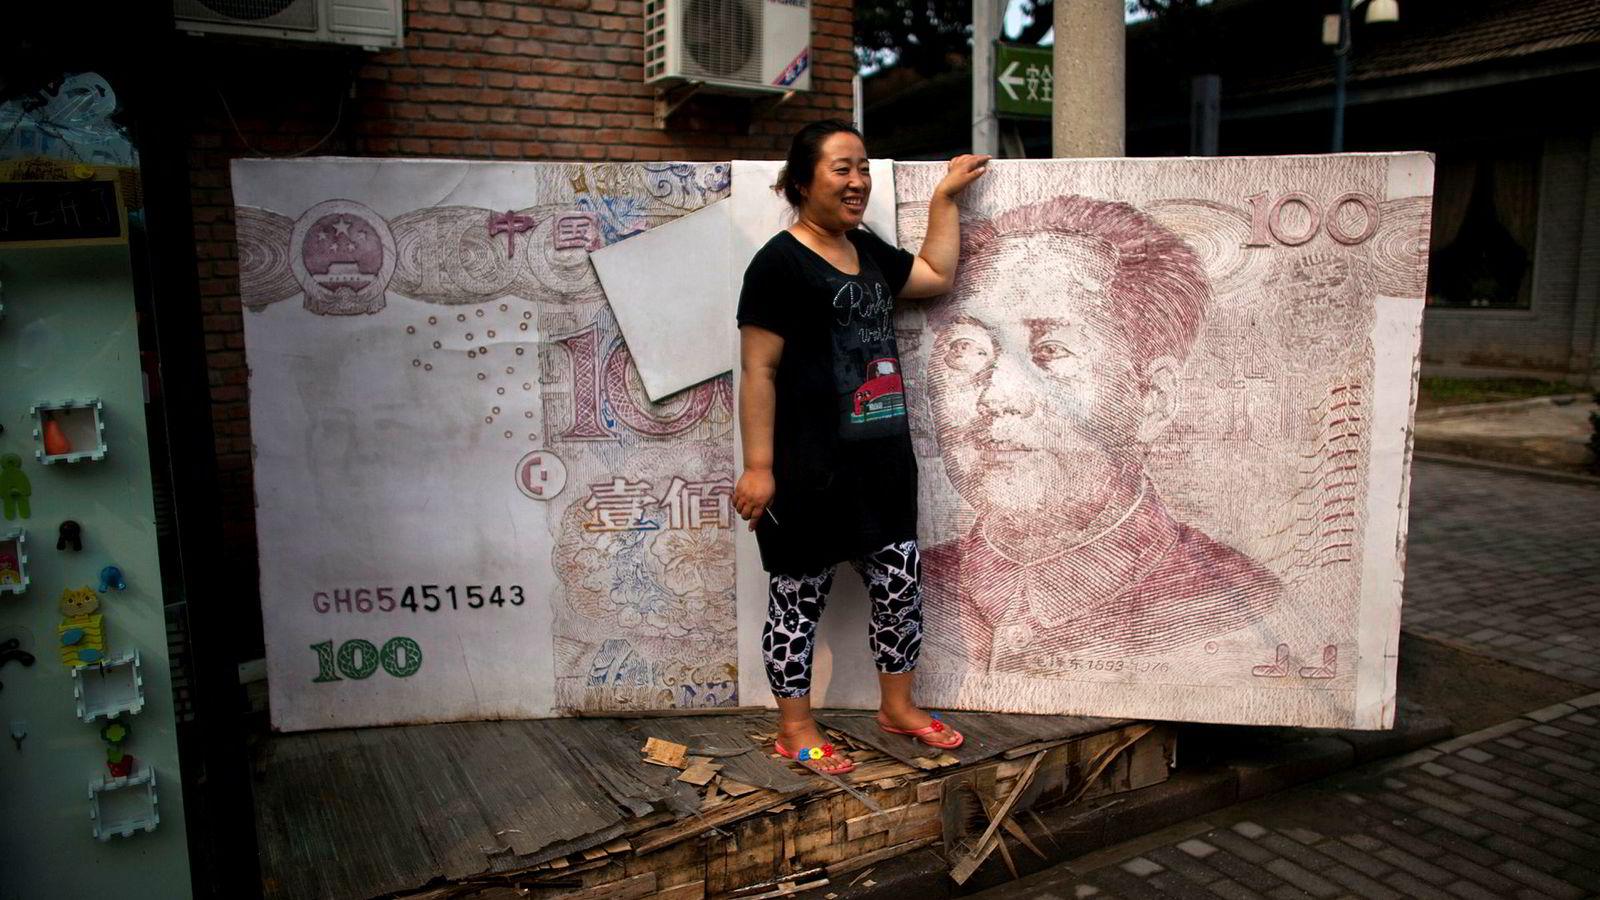 I april i år vil obligasjoner utstedt av den kinesiske stat i den kinesiske valutaen renminbi for første gang bli inkludert i obligasjonsindeksen Bloomberg Barclays Global Aggregate.